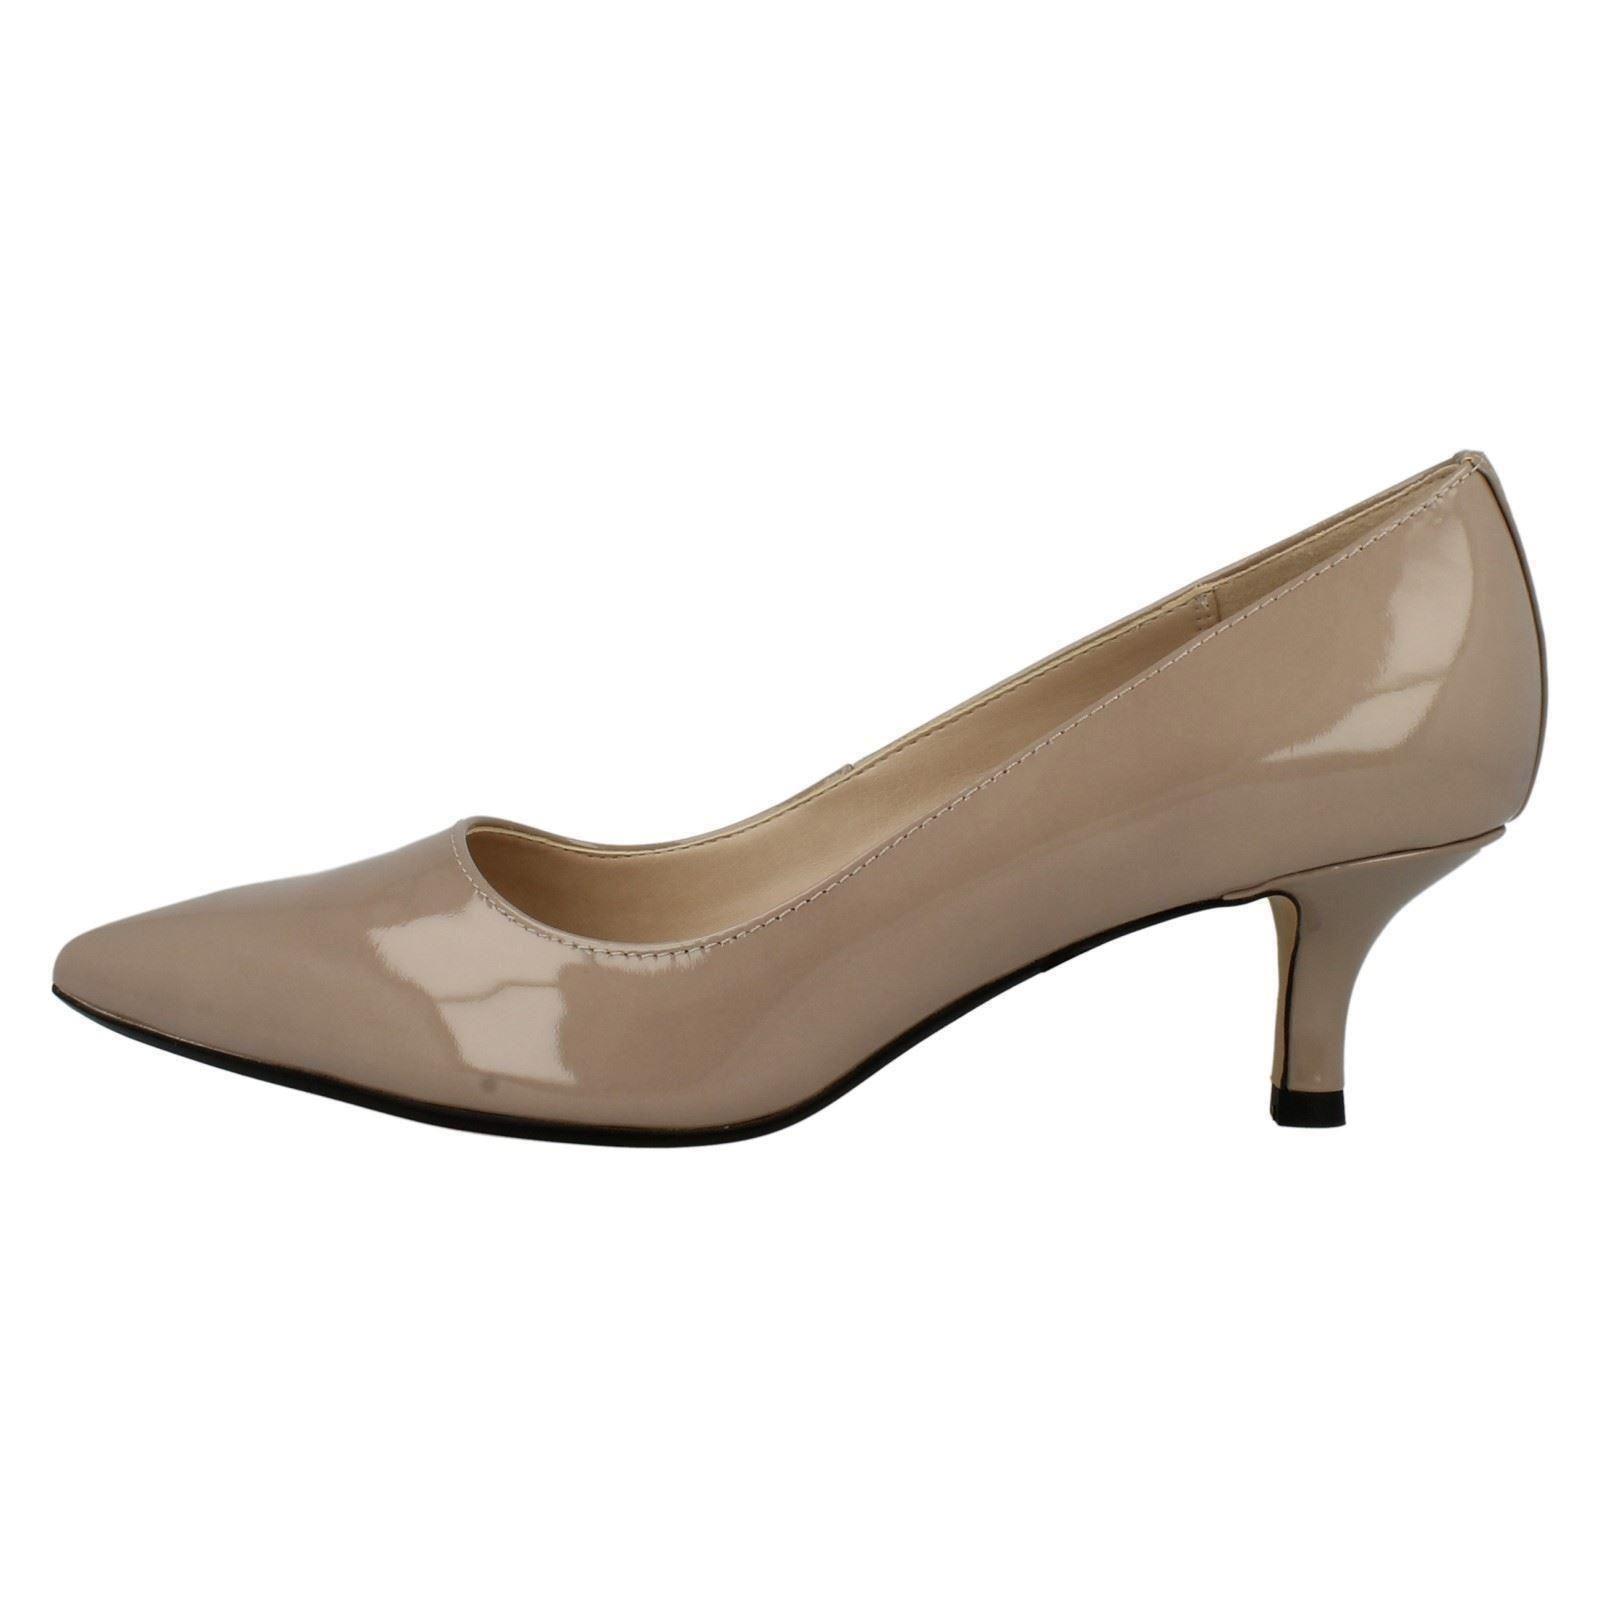 Clarks Ladies Kitten Heel Shoes